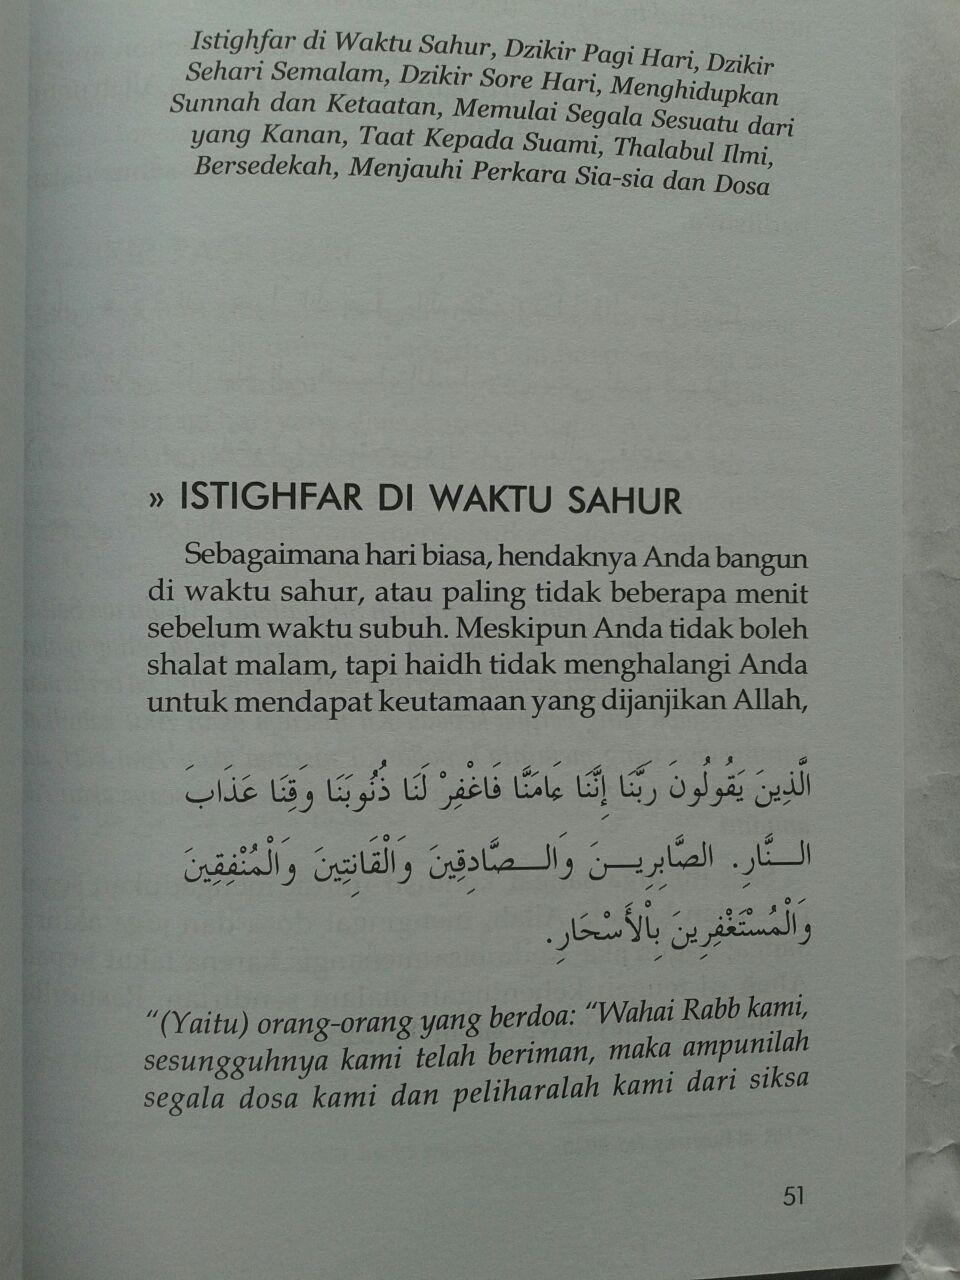 Buku Wirid Wanita Haidh Amal Pilihan Saat Datang Bulan isi